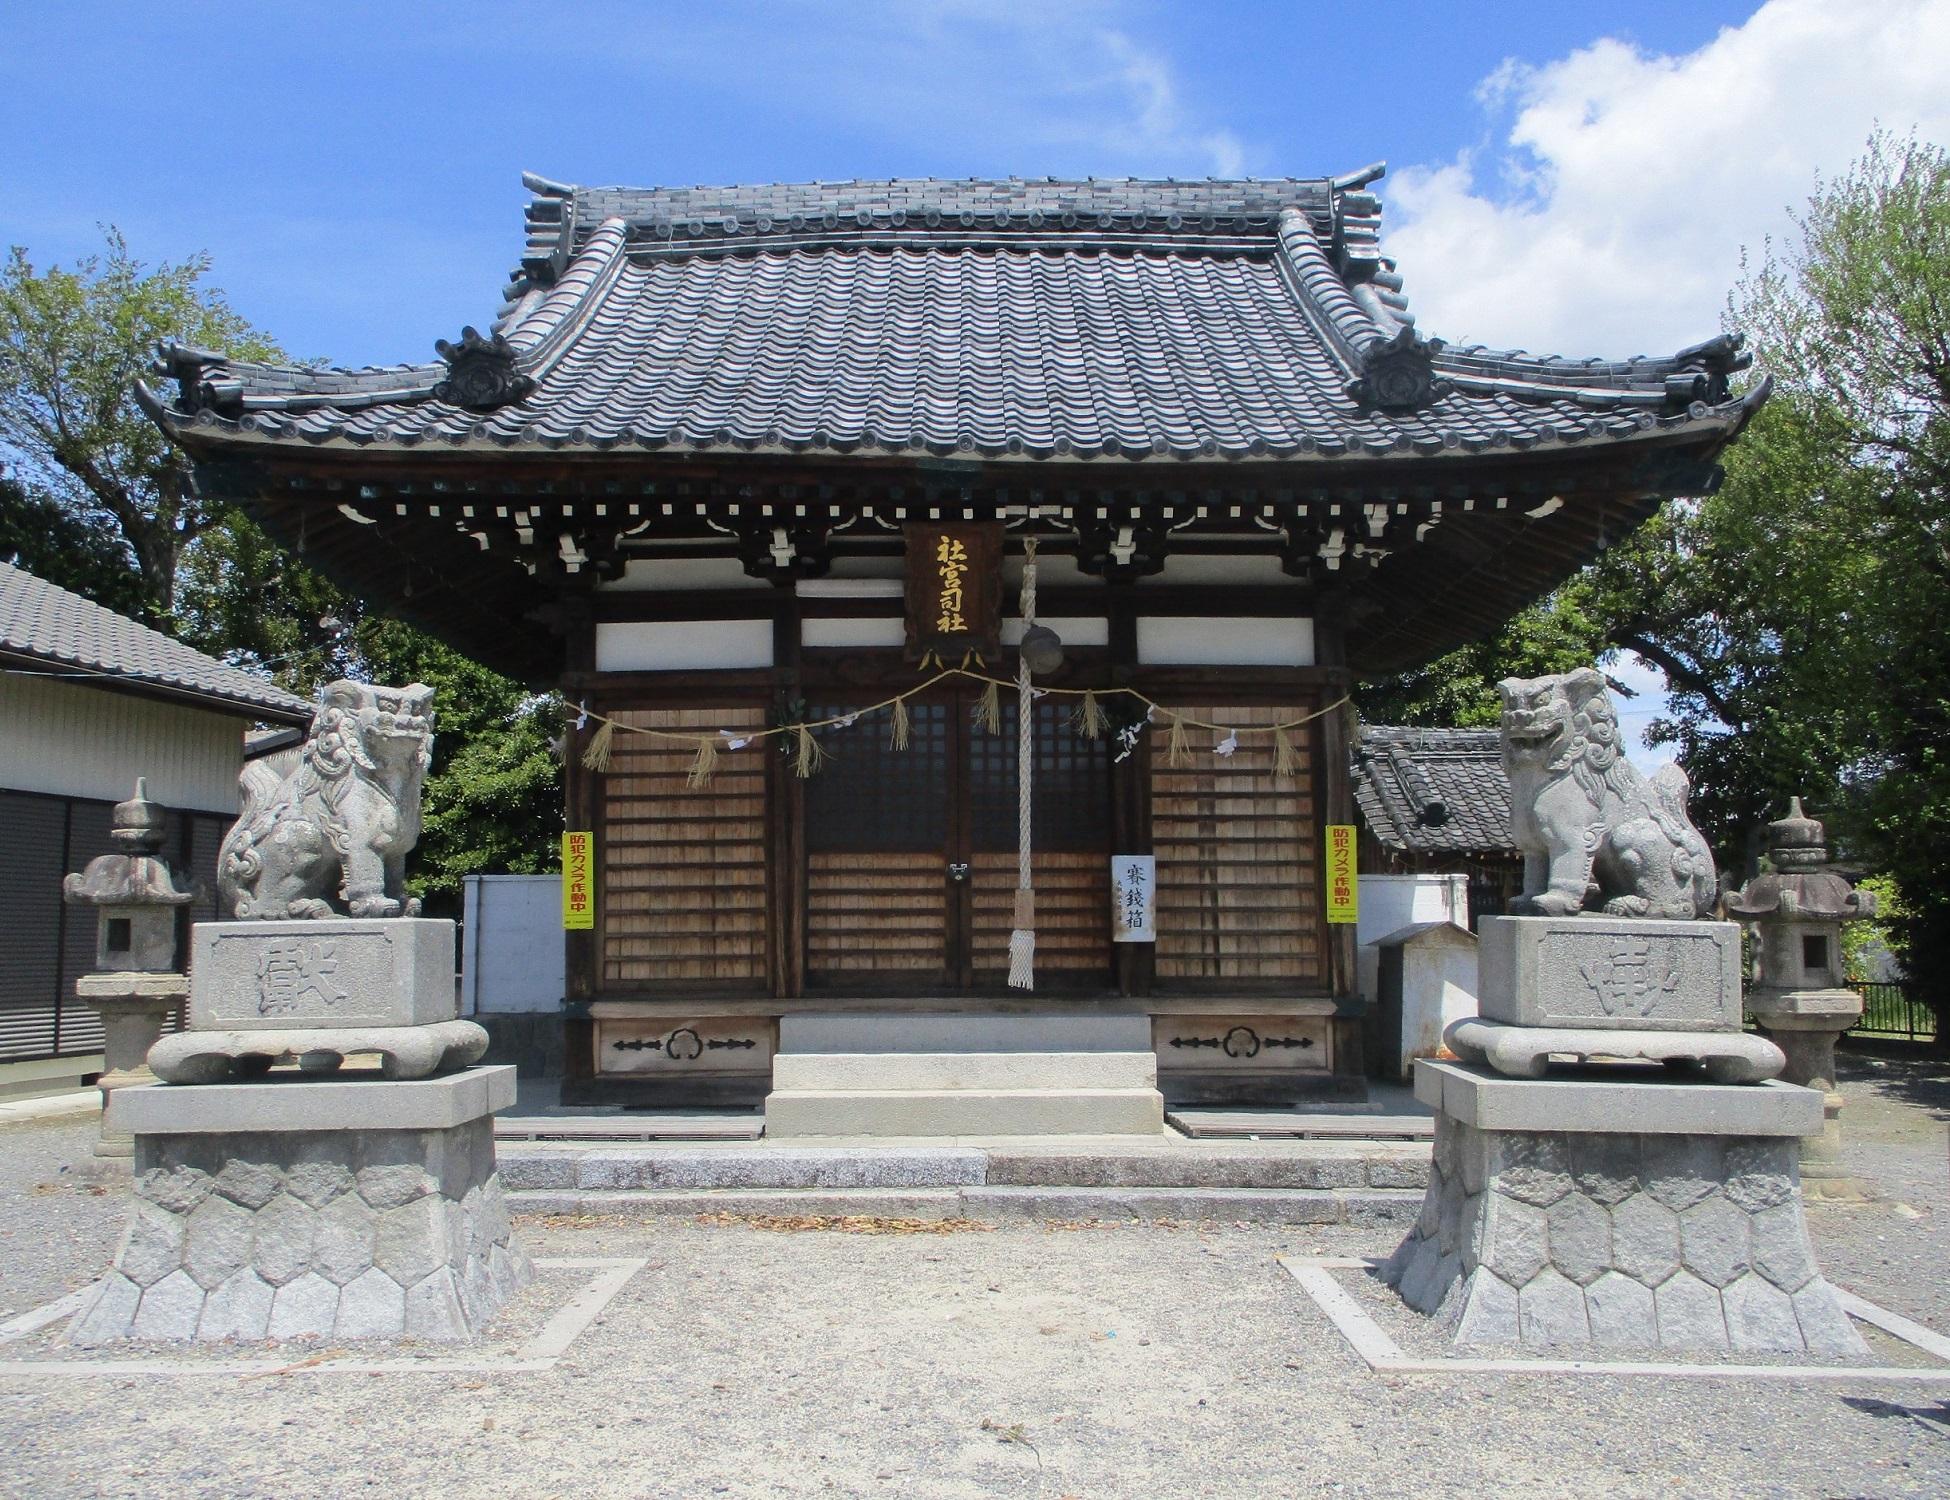 2020.4.22 (1) 社宮司社 - 拝殿 1950-1500